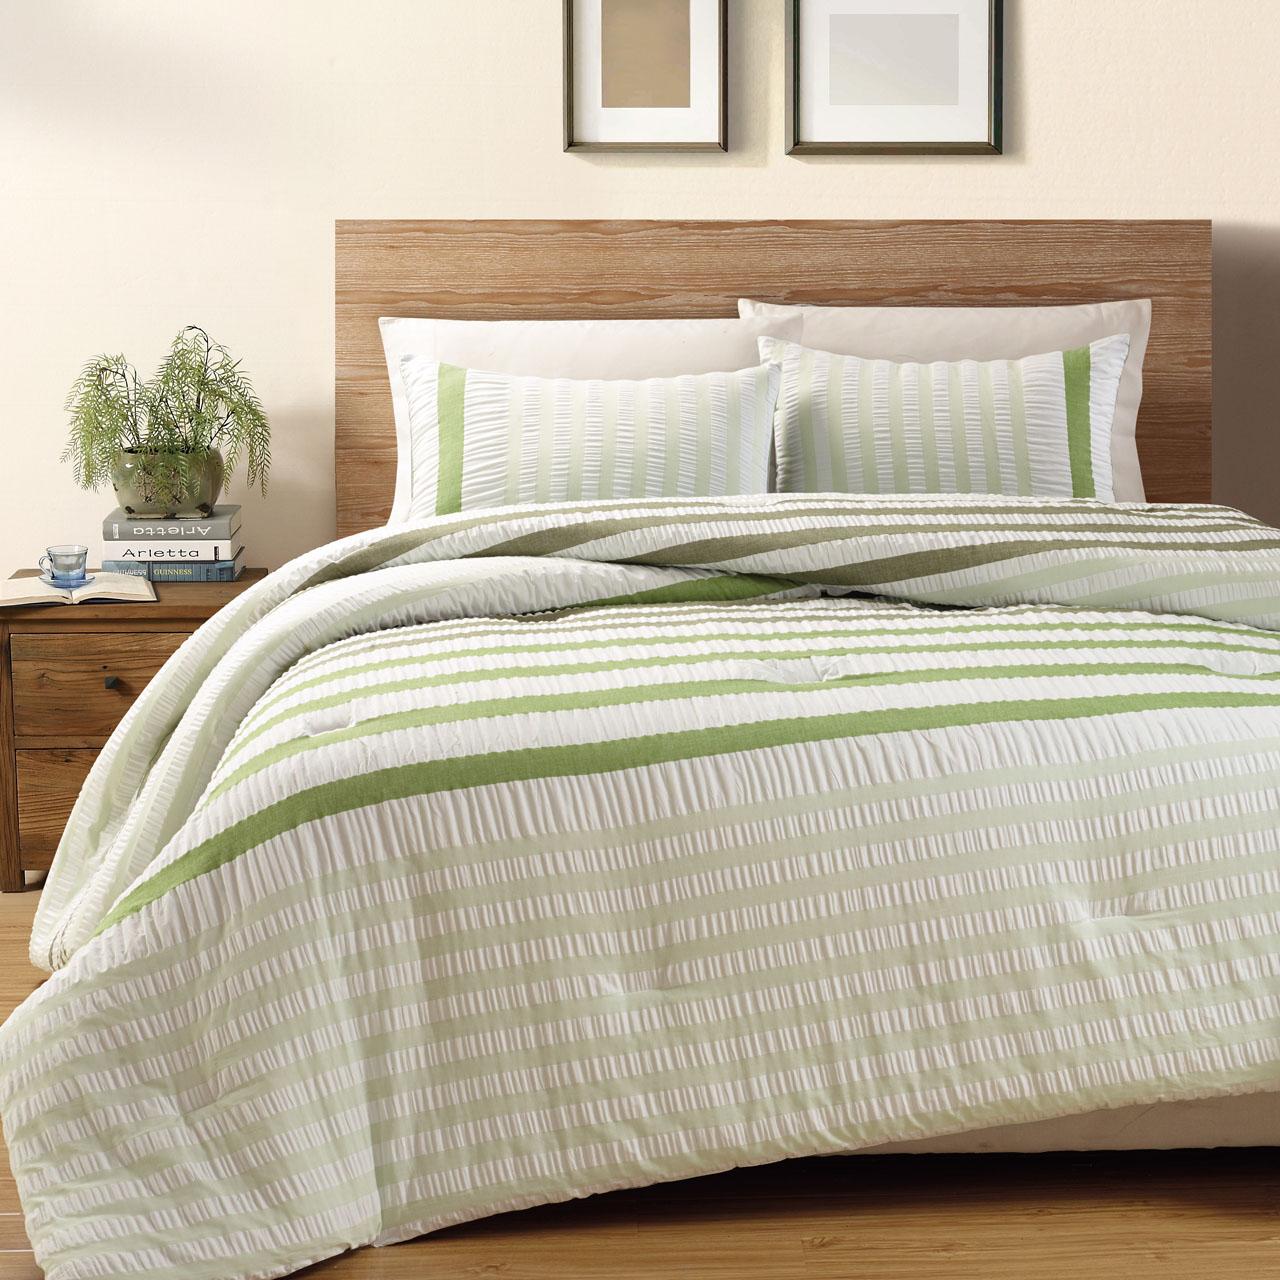 3 Piece Koro 100% Cotton Seersucker Comforter Set